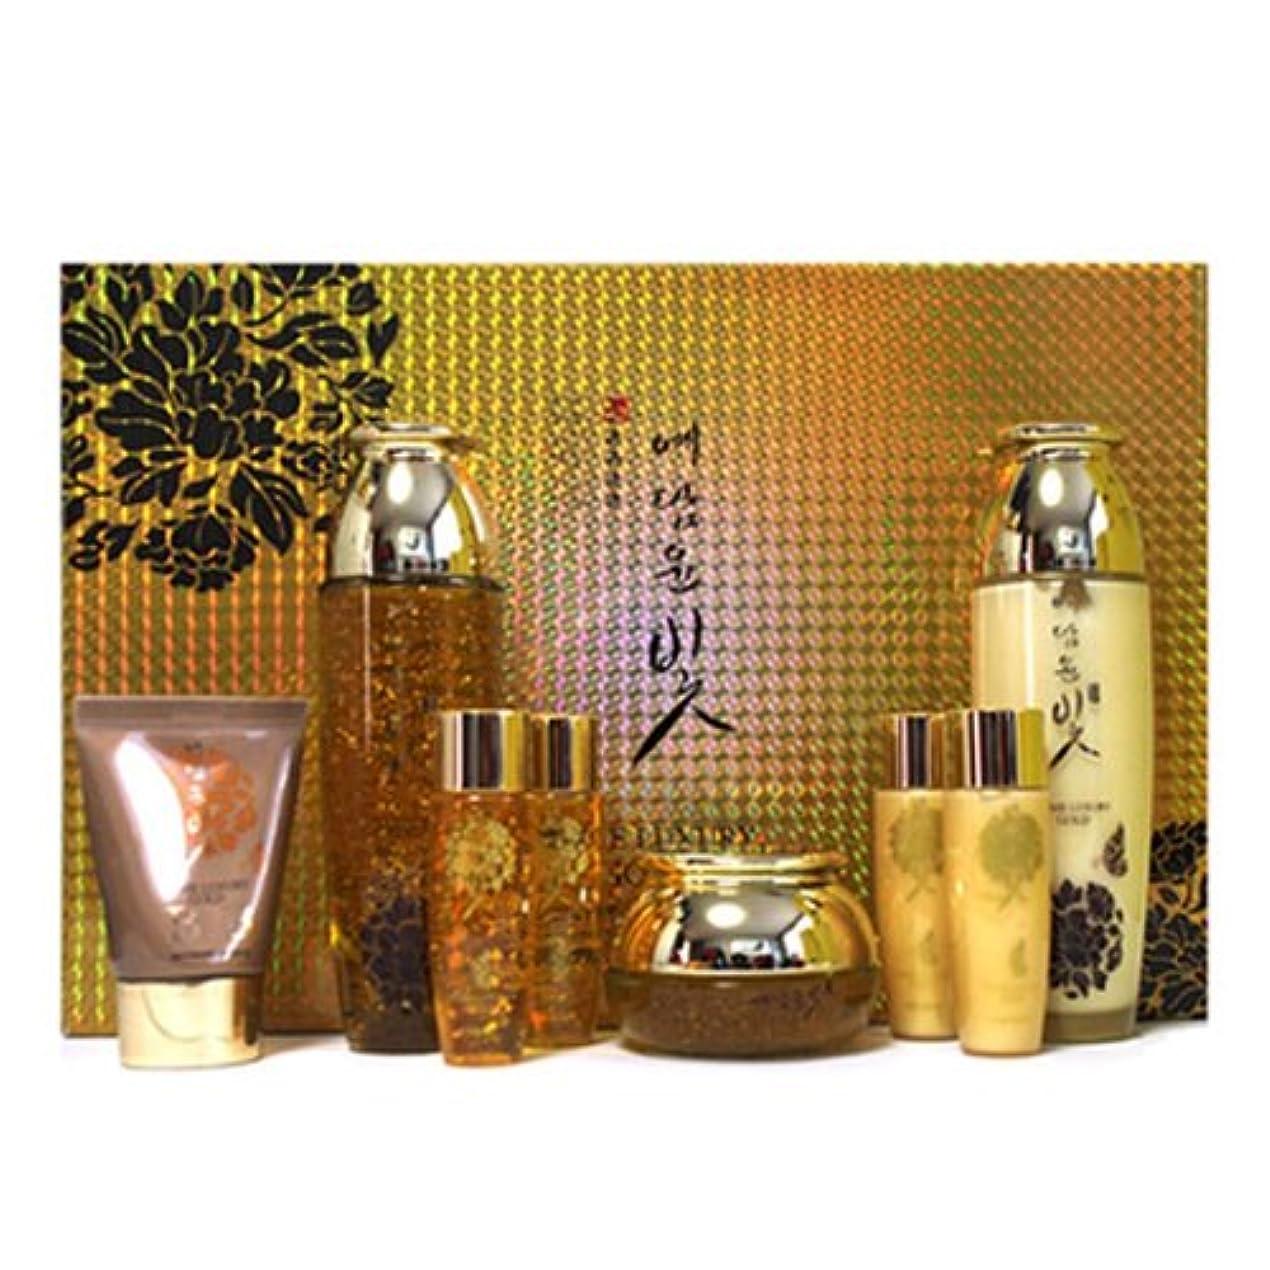 援助するペースト属するイェダムユンビト[韓国コスメYedam Yun Bit]Prime Luxury Gold Skin Care Set プライムラグジュアリーゴールドスキンケア4セット 樹液 乳液 クリーム/ BBクリーム [並行輸入品]